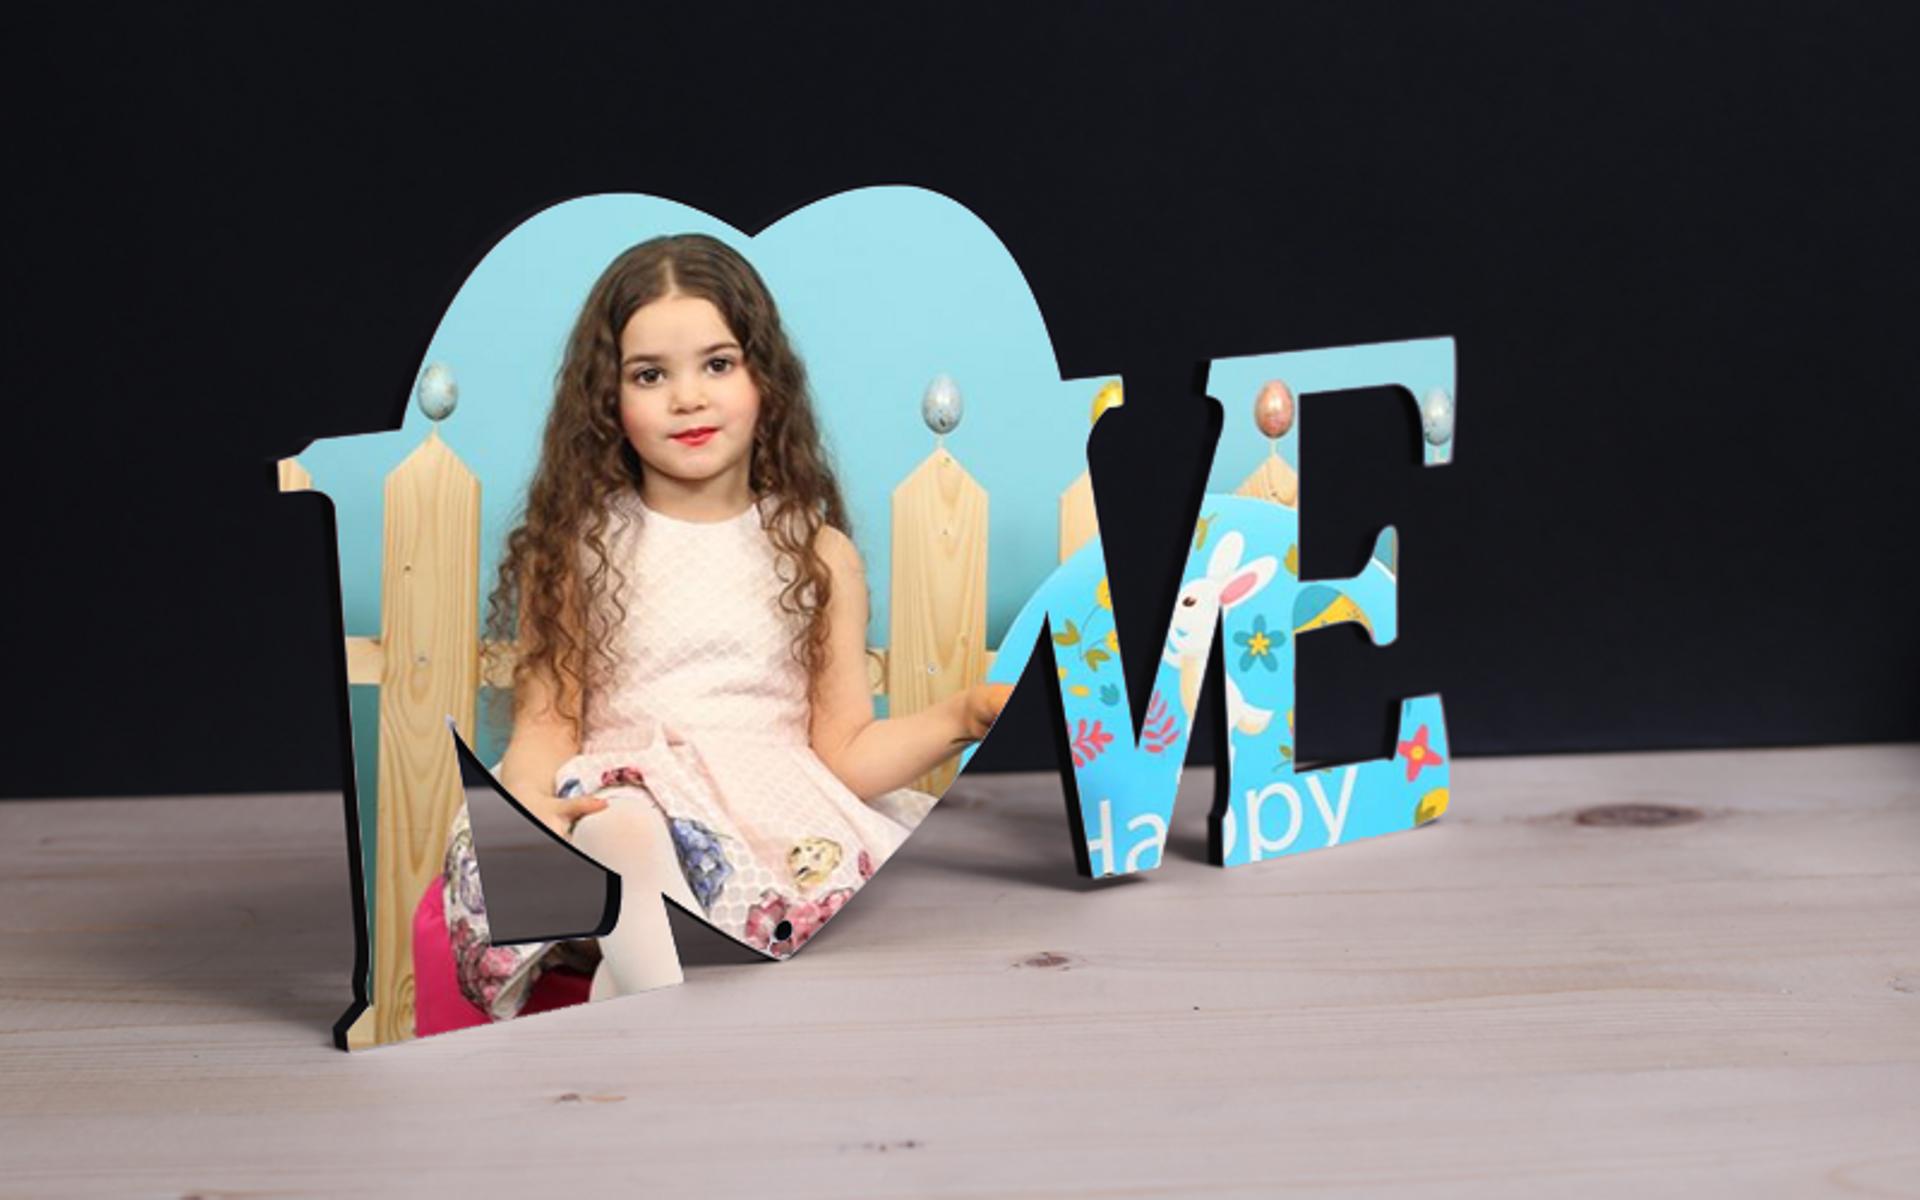 מגן איכותי צורת Love חתוך בלייזר עם הדפסת תמונה באיכות פוטו.